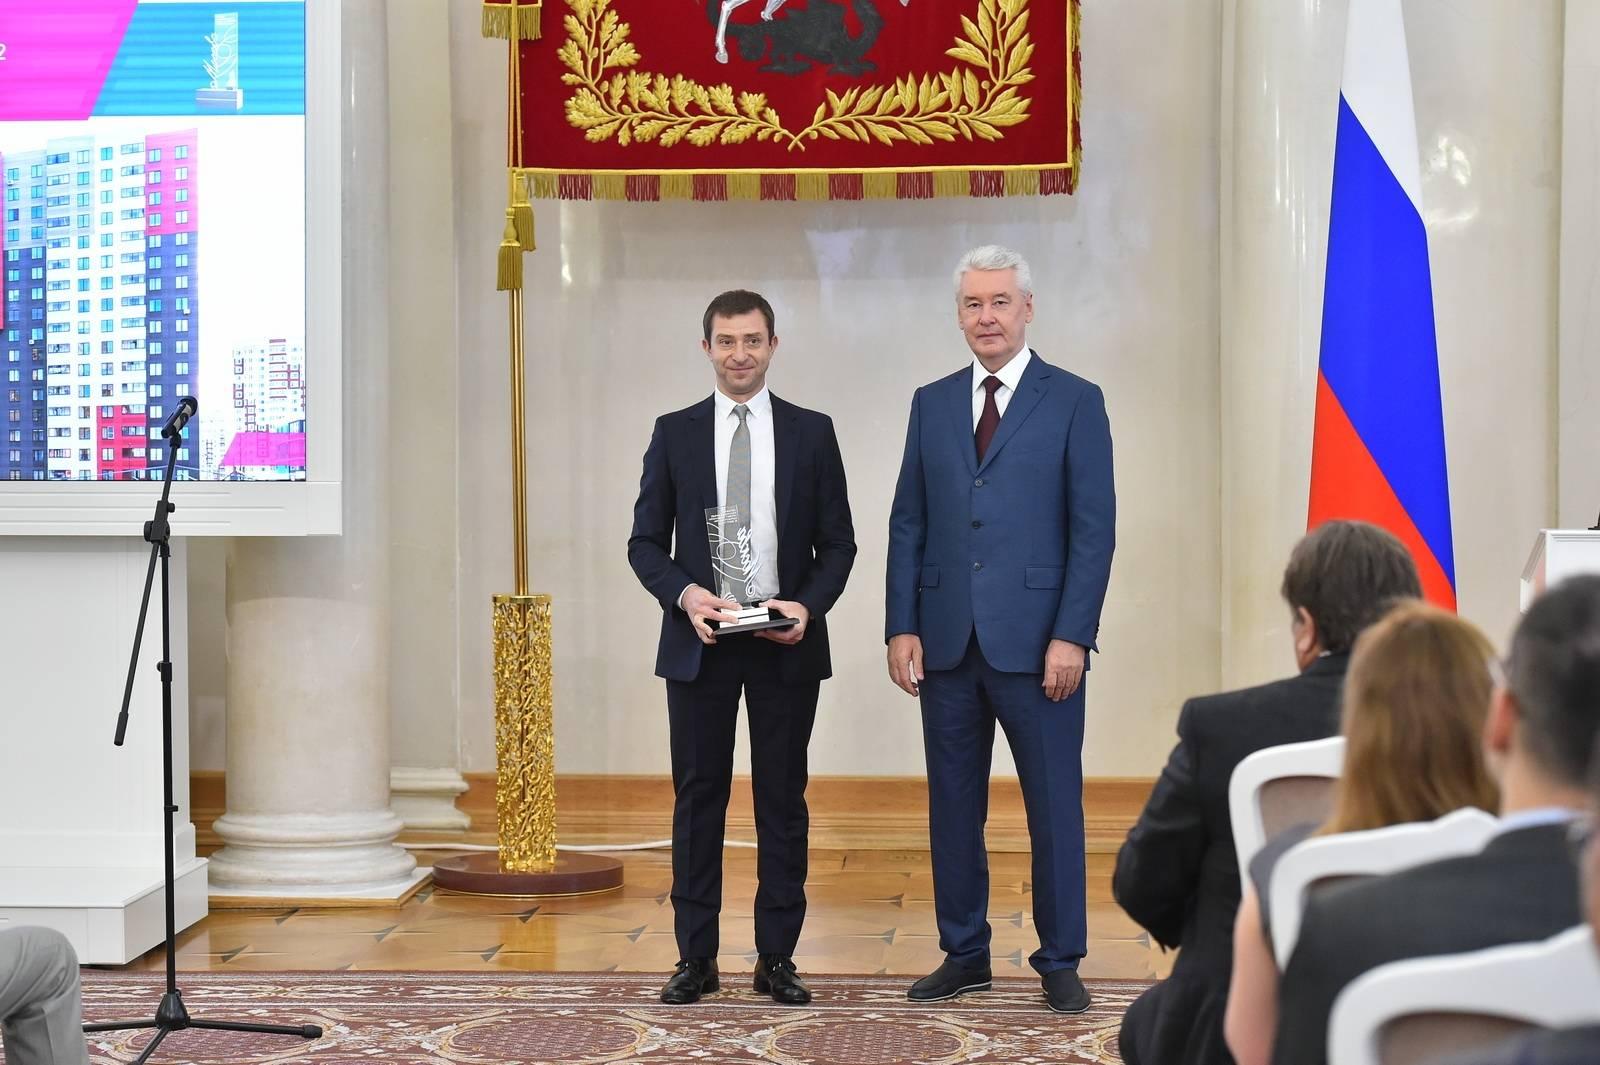 Сергей Собянин наградил девелопера района Новые Ватутинки